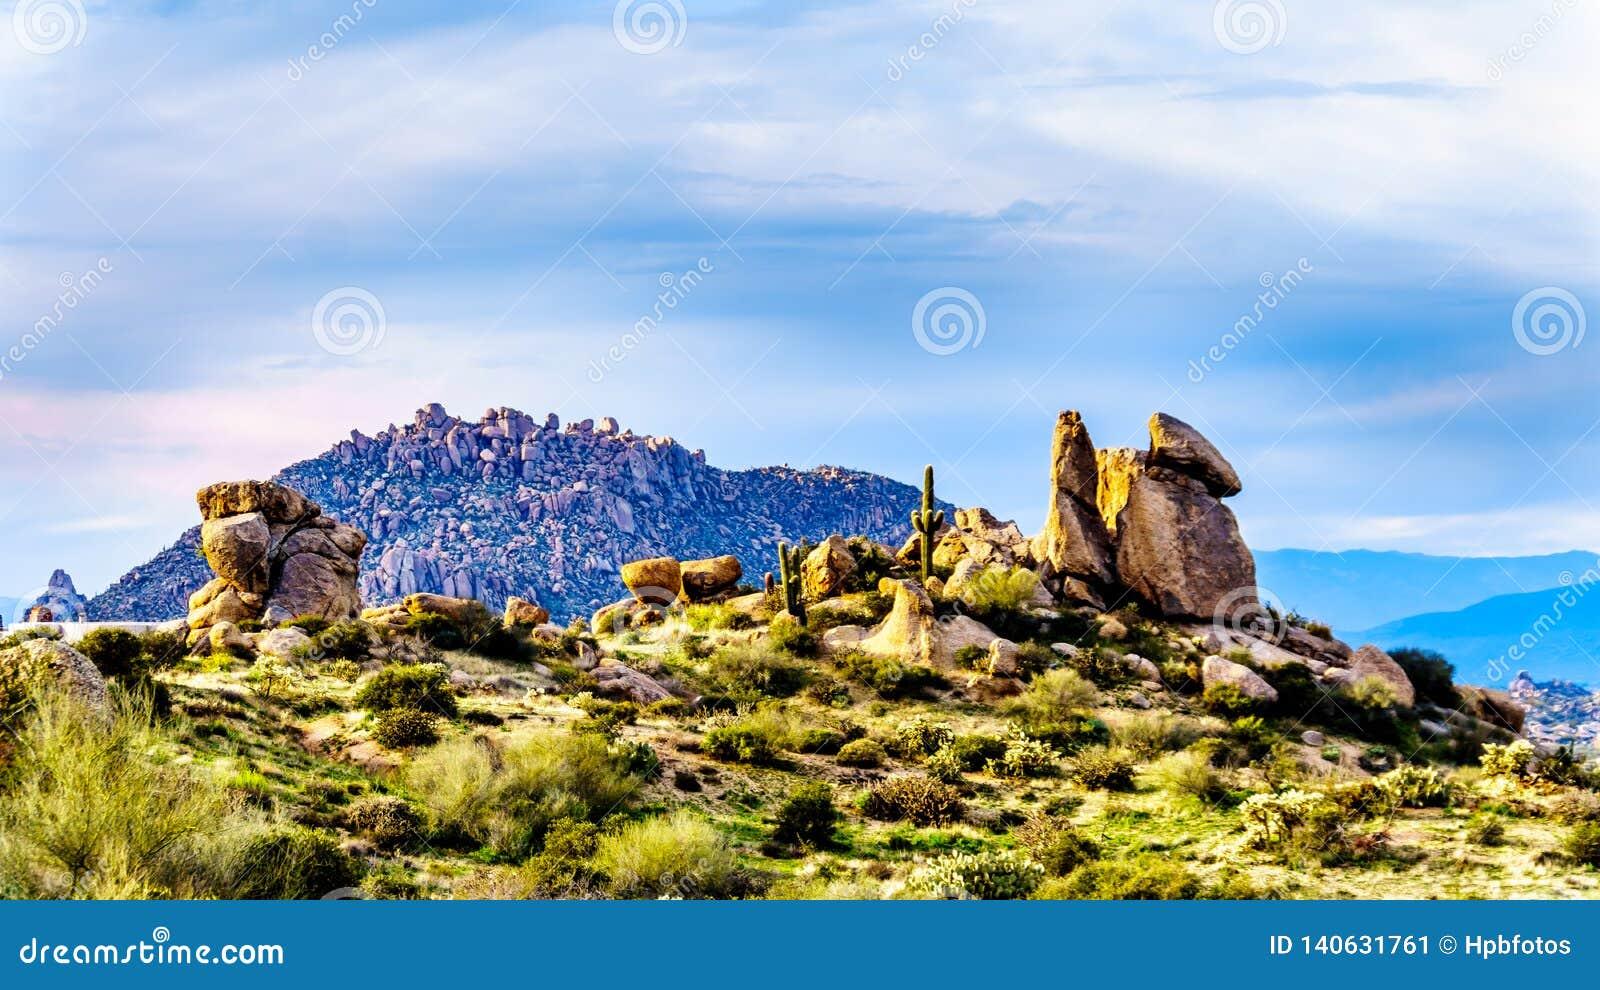 Formations de roche intéressantes vues de la traînée du pouce de Tom dans les montagnes rocailleuses de la chaîne de montagne de